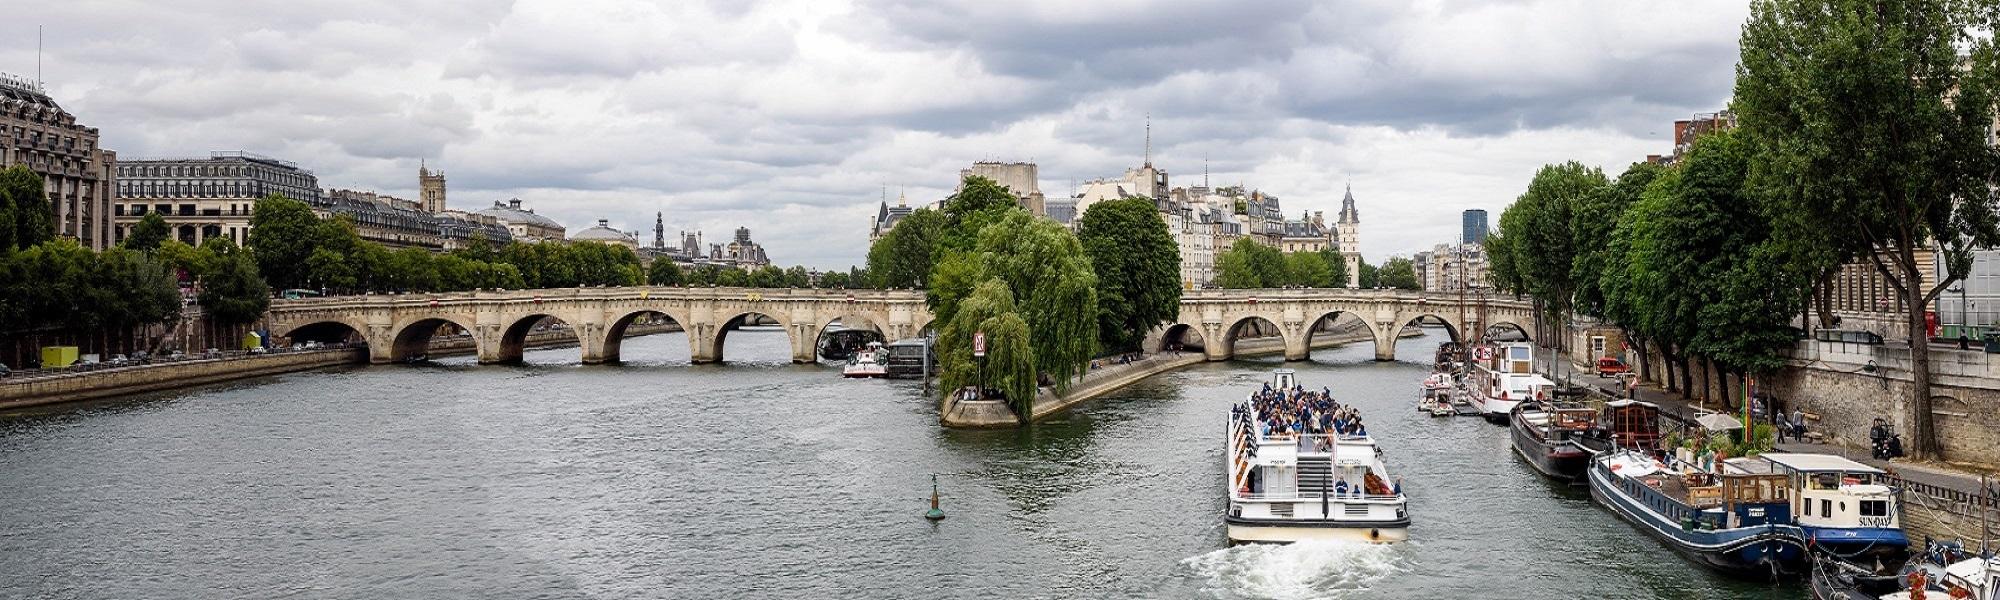 paris-967186